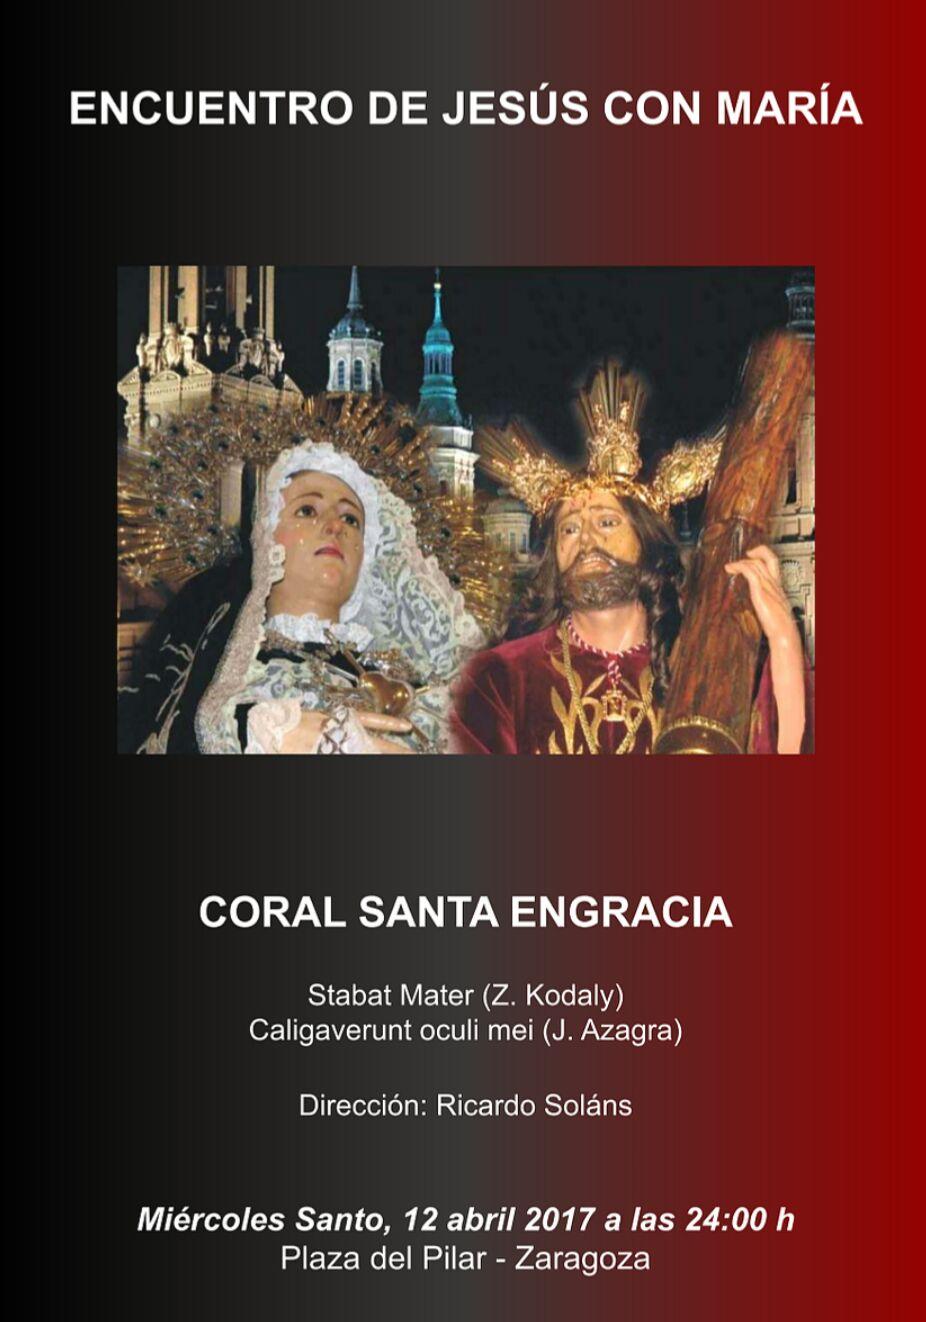 Encuentro de Jesús con María - Coral Santa Engracia